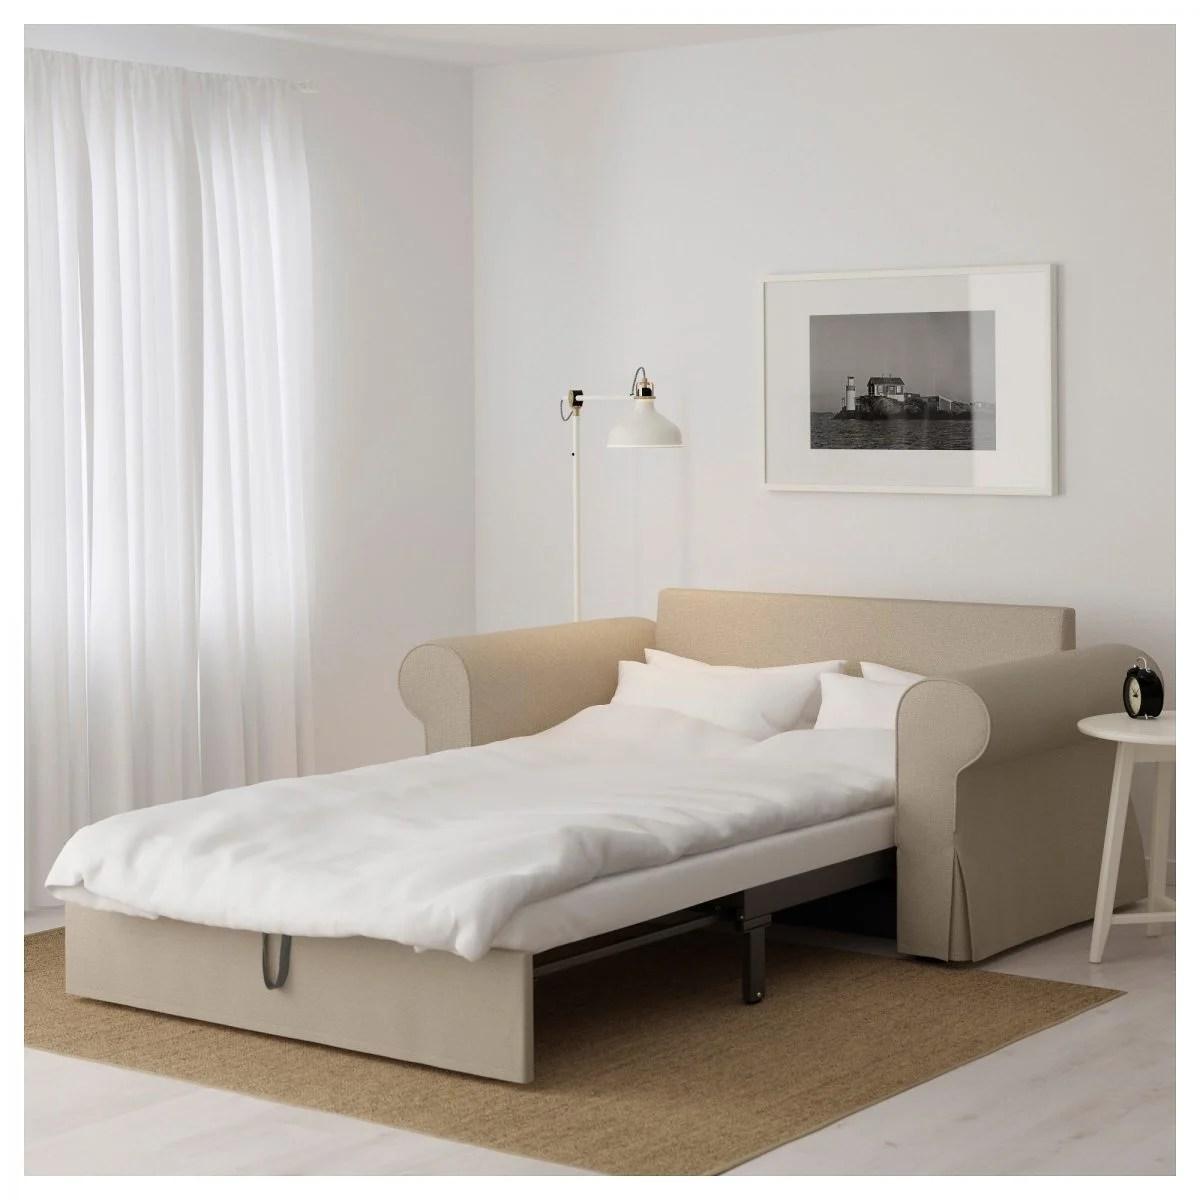 Divano letto IKEA